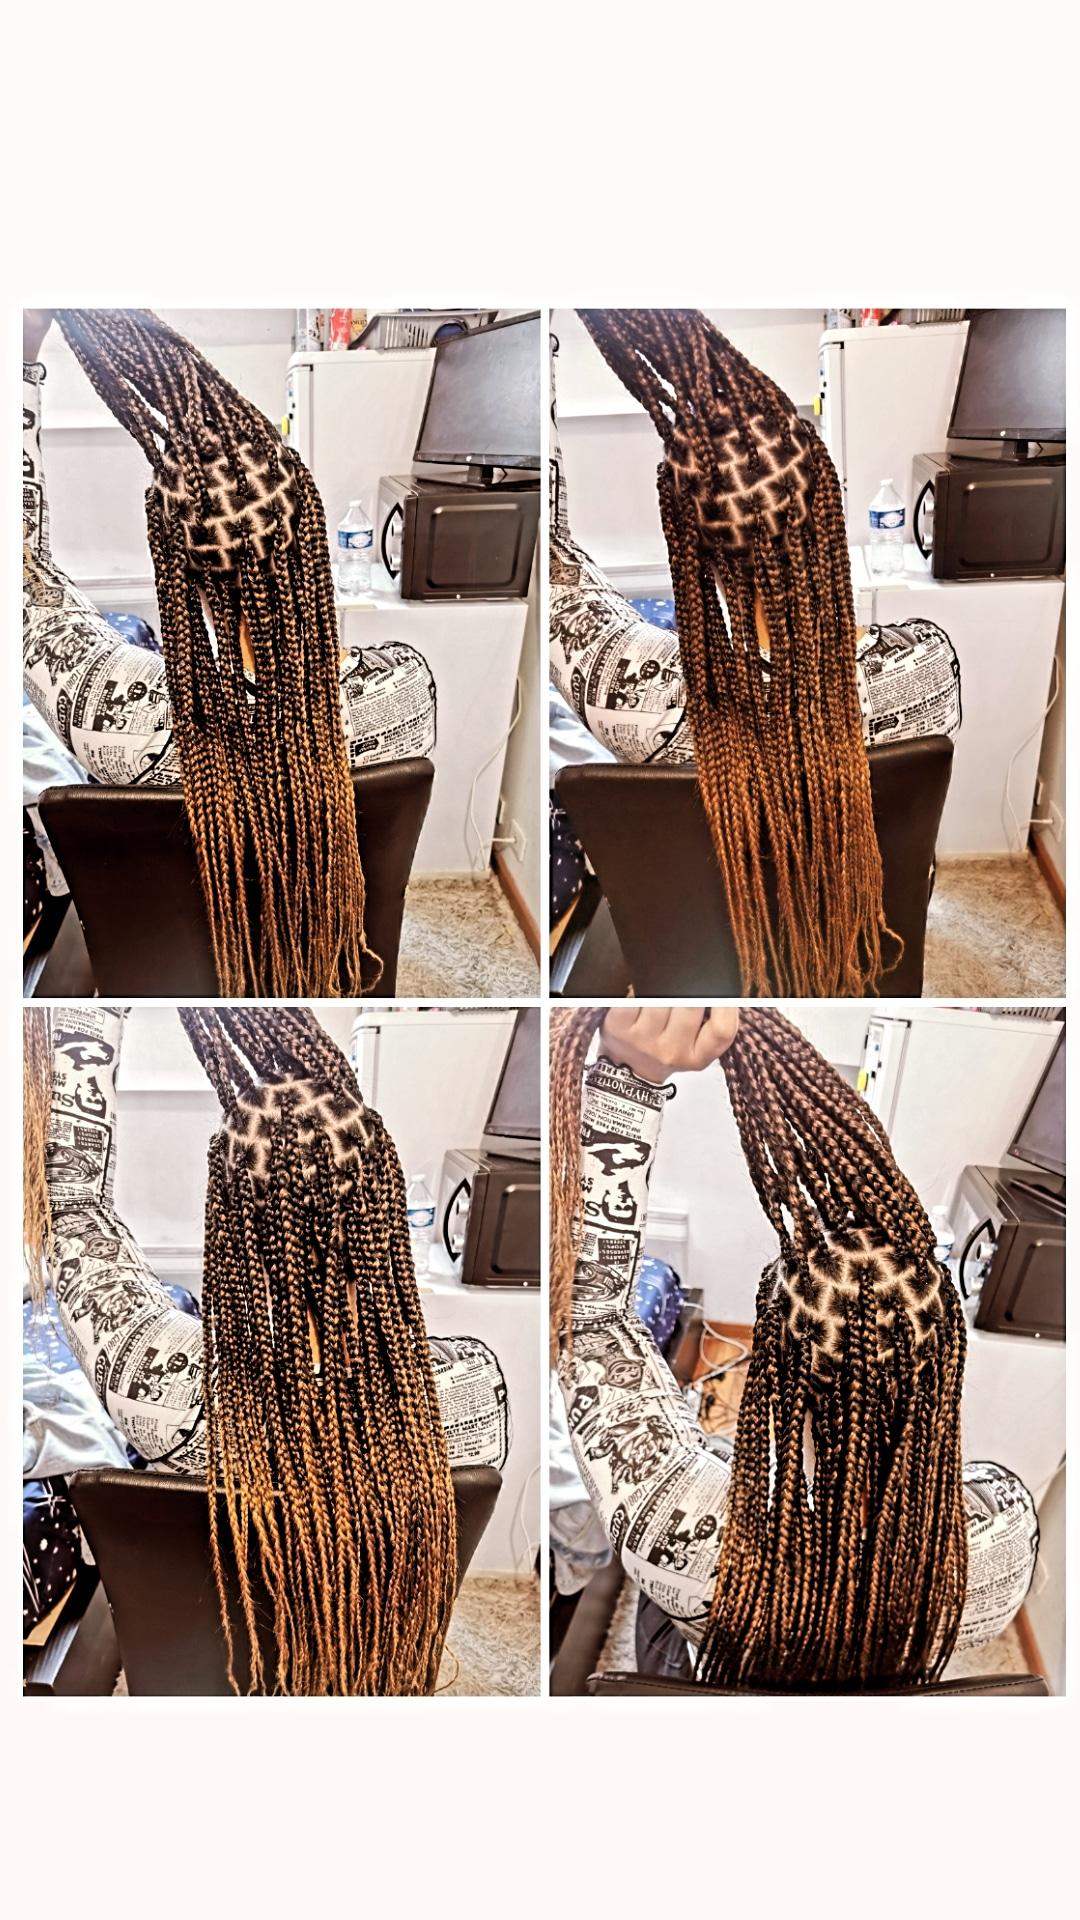 salon de coiffure afro tresse tresses box braids crochet braids vanilles tissages paris 75 77 78 91 92 93 94 95 MPEEKSER